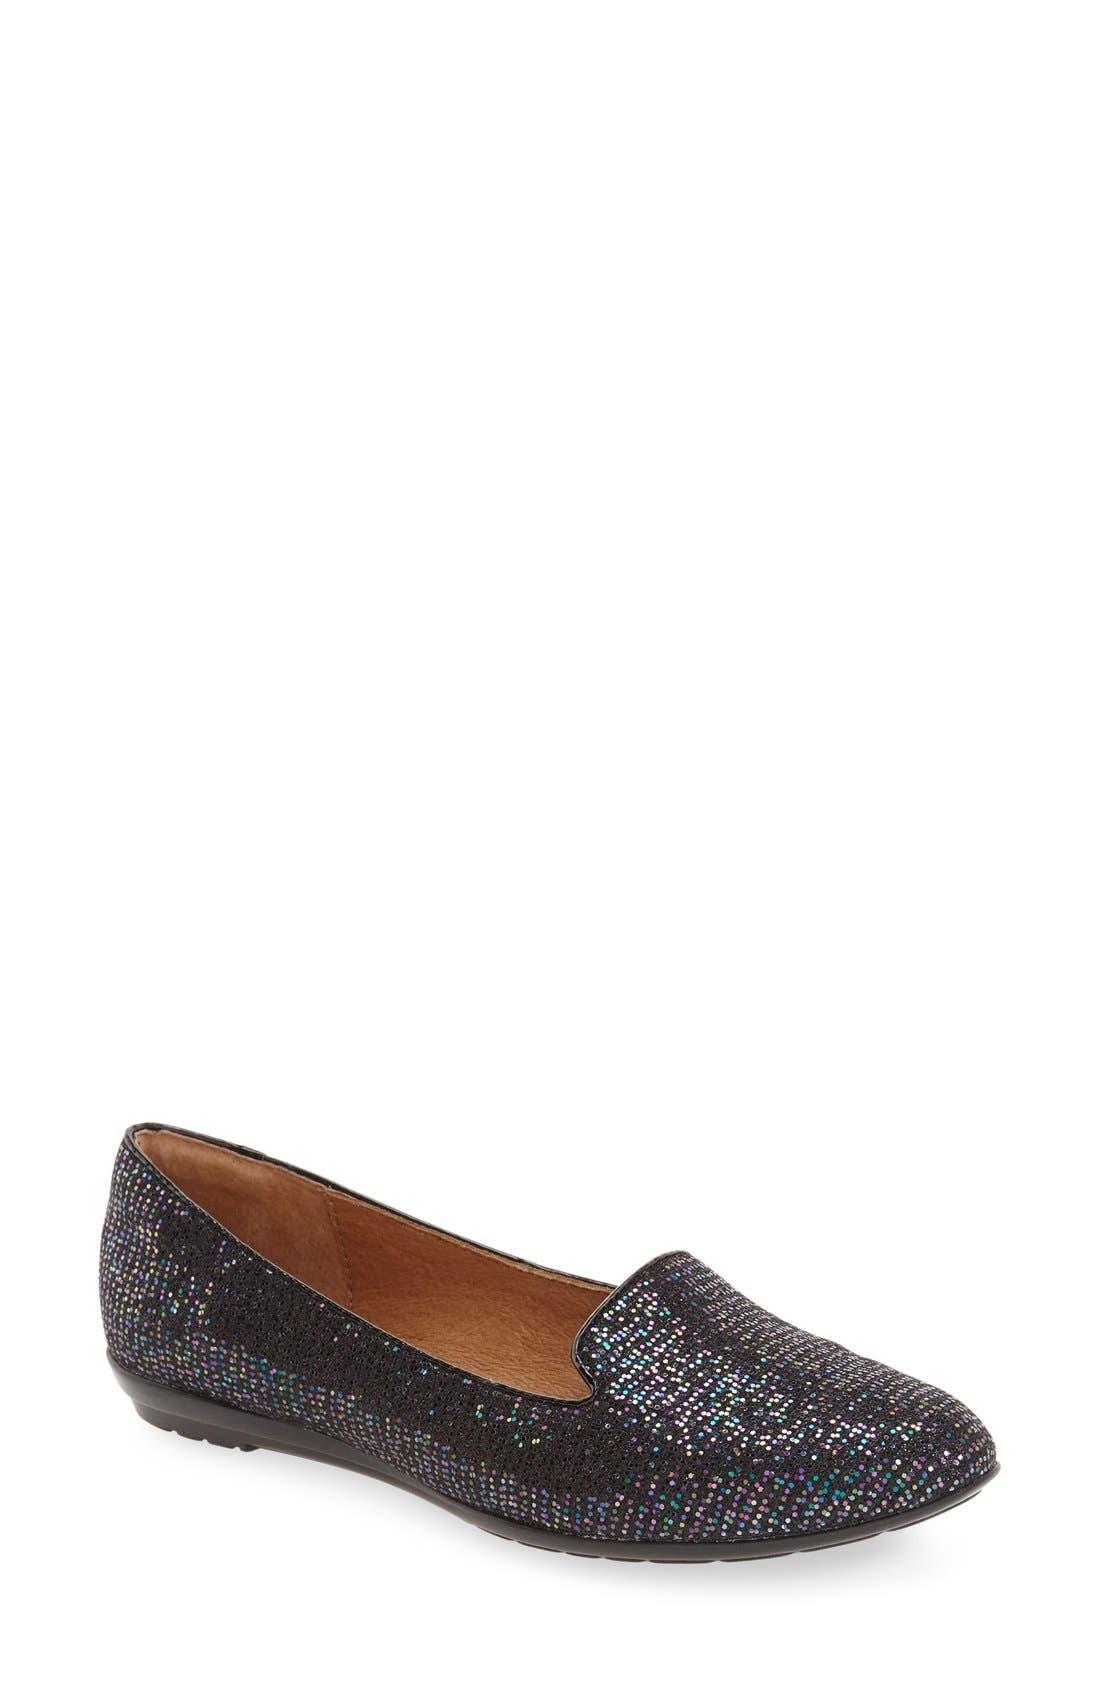 Söfft 'Belden' Glittery Almond Toe Loafer (Women)